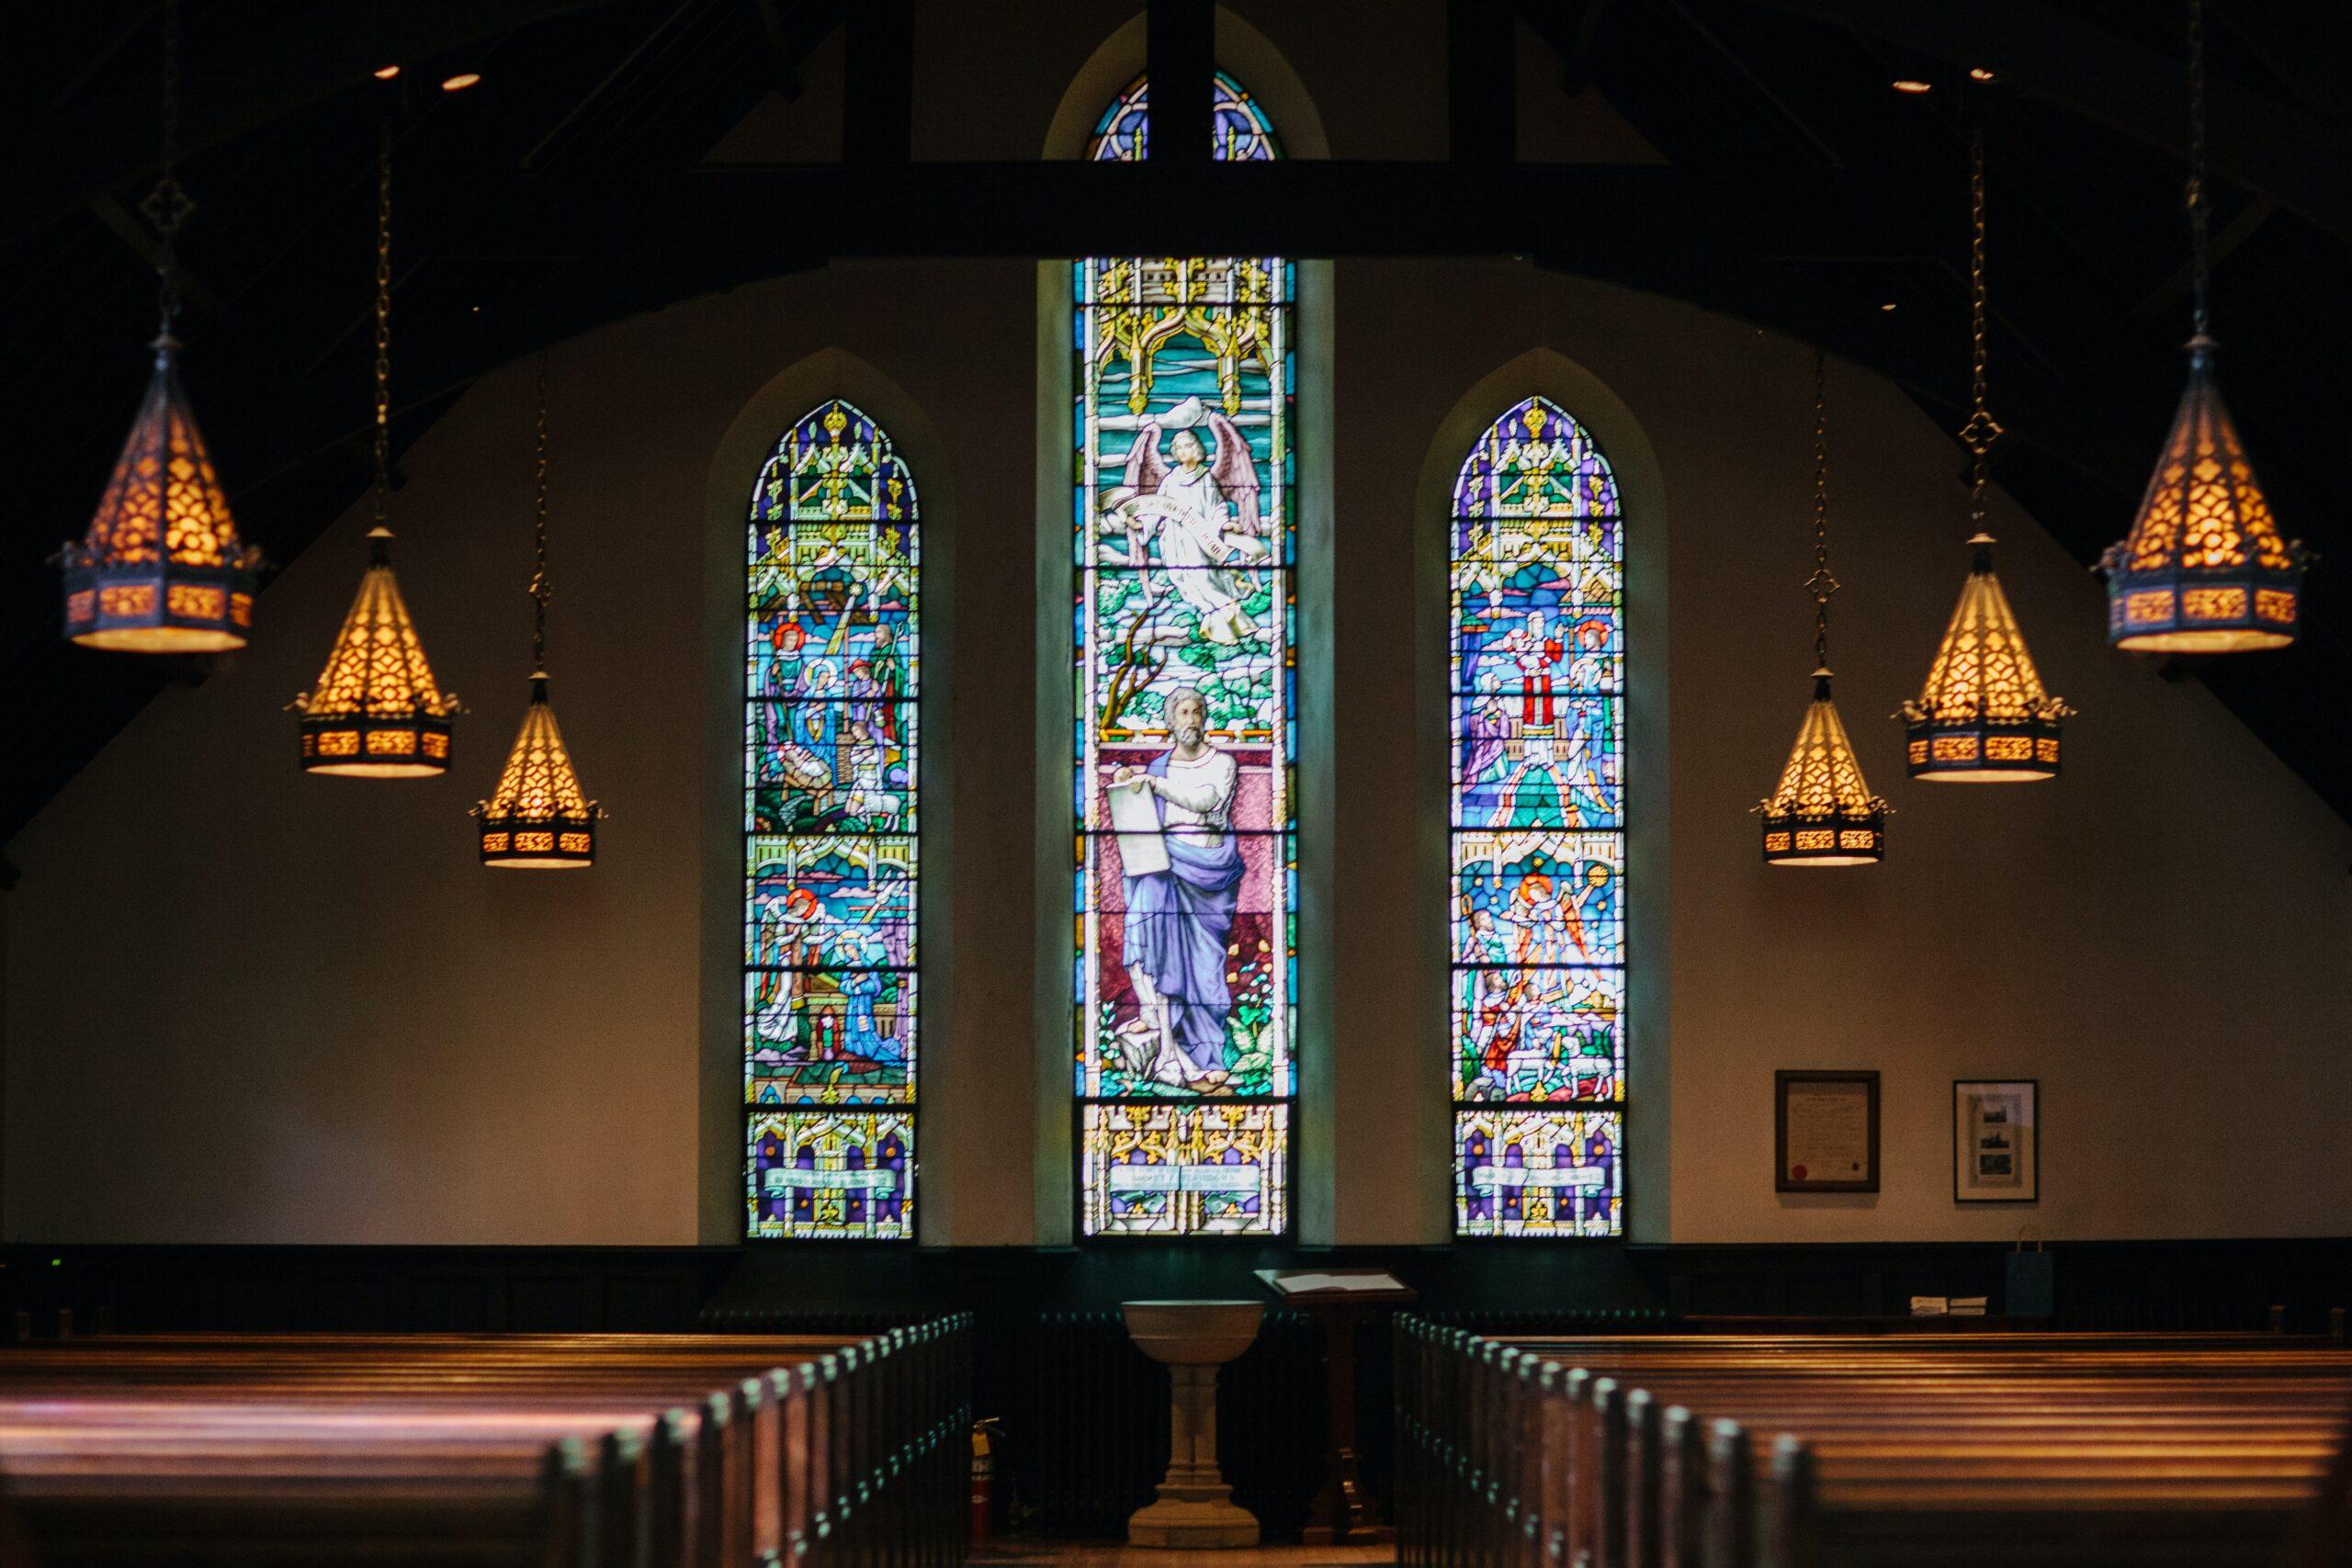 教会で神父、牧師に相談はできる?教会で悩み相談をする方法